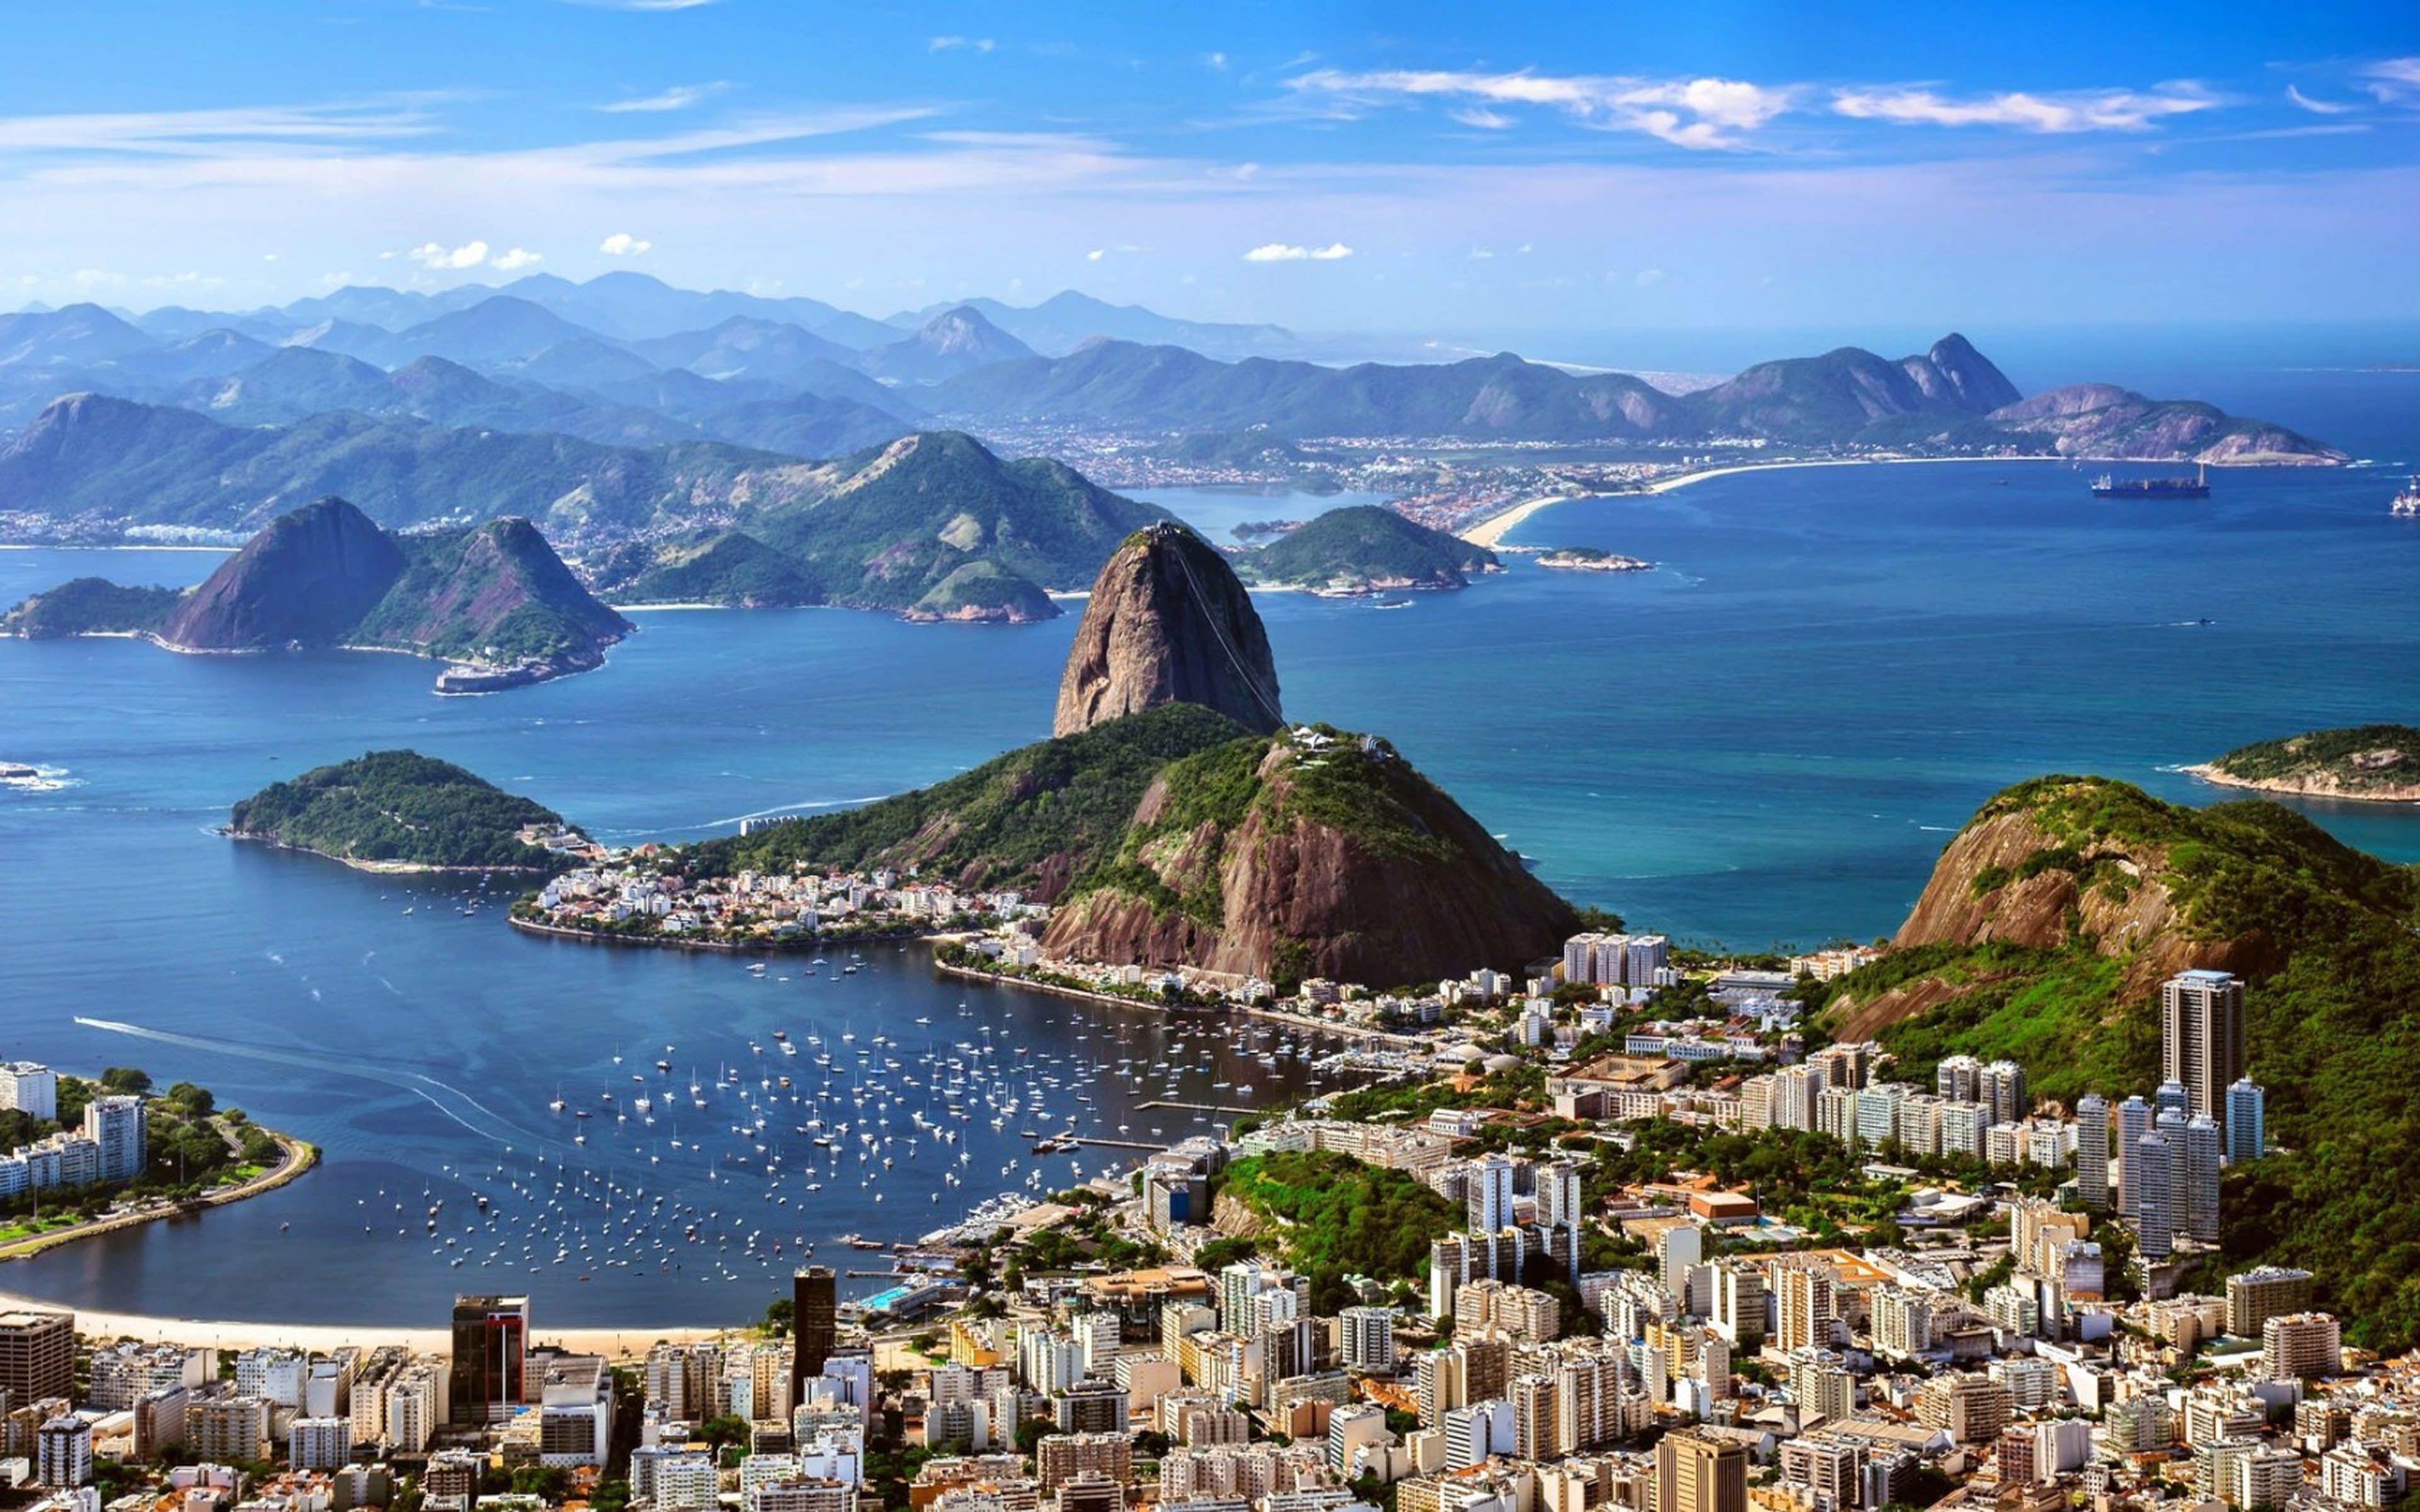 Rio De Zhaneiro Brazil Mountains Sea City Skyline Hd Wallpaper